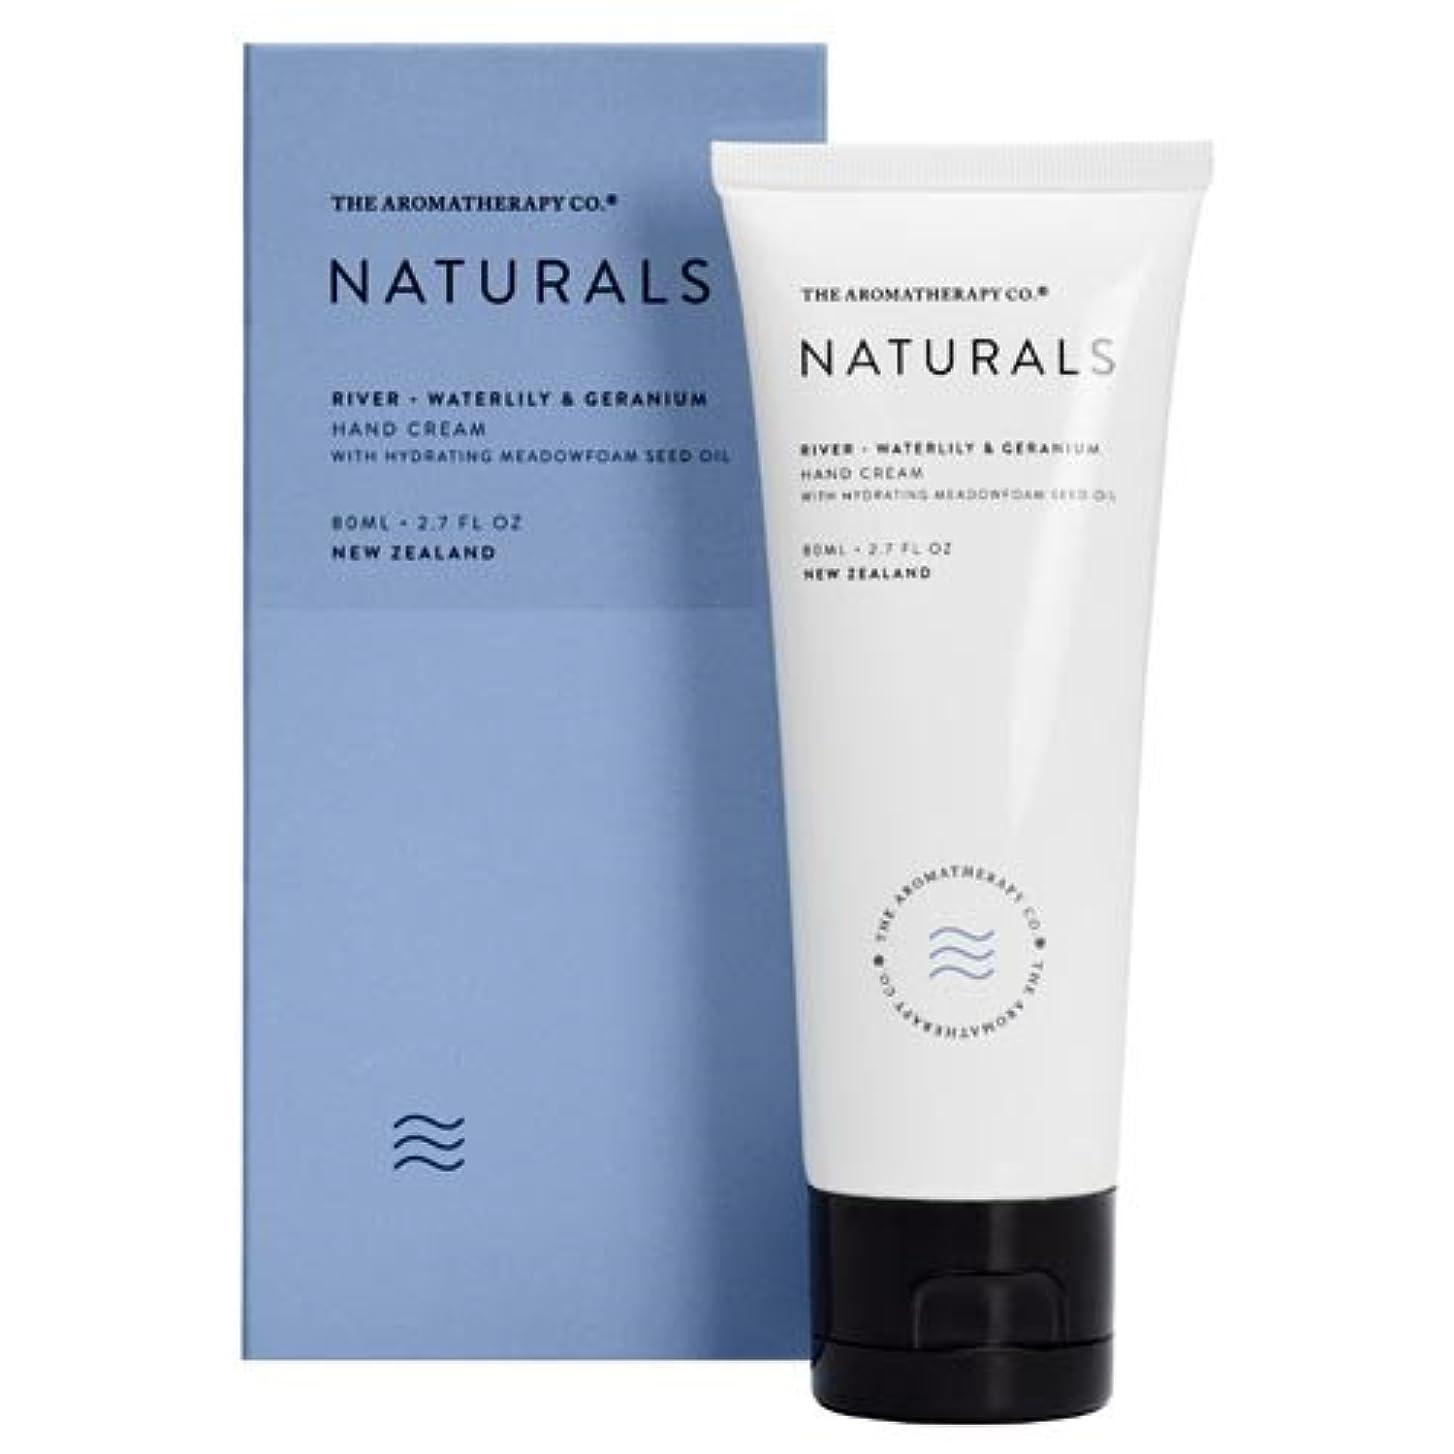 調和のとれた乱雑な保存new NATURALS ナチュラルズ Hand Cream ハンドクリーム River リバー(川)Waterlily & Geranium ウォーターリリー&ゼラニウム